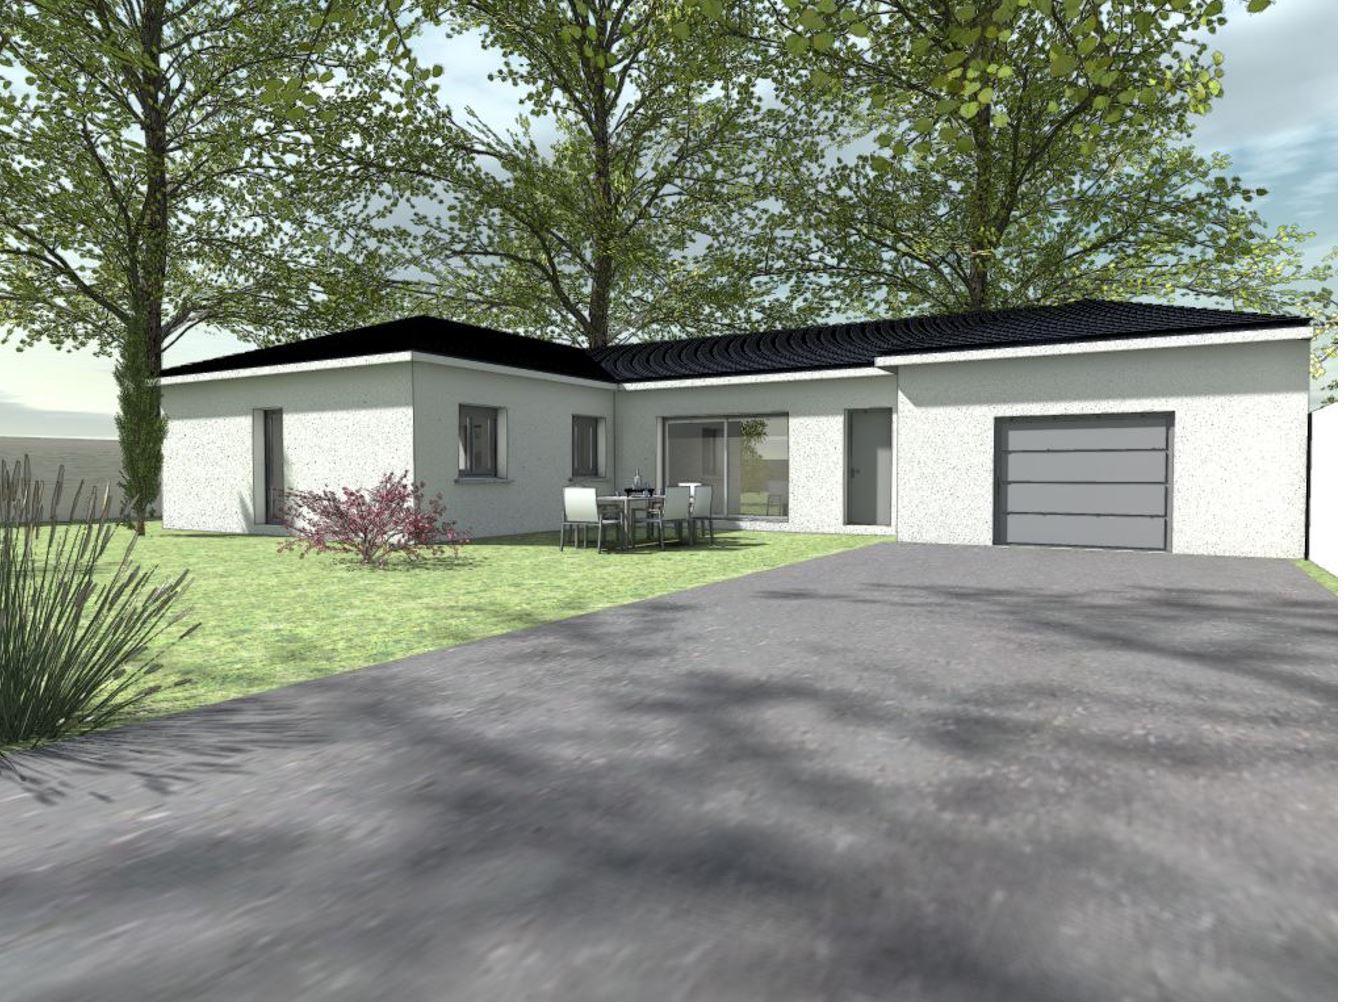 Maisons + Terrains du constructeur HABITAT SUD EST • 100 m² • LAVILLEDIEU